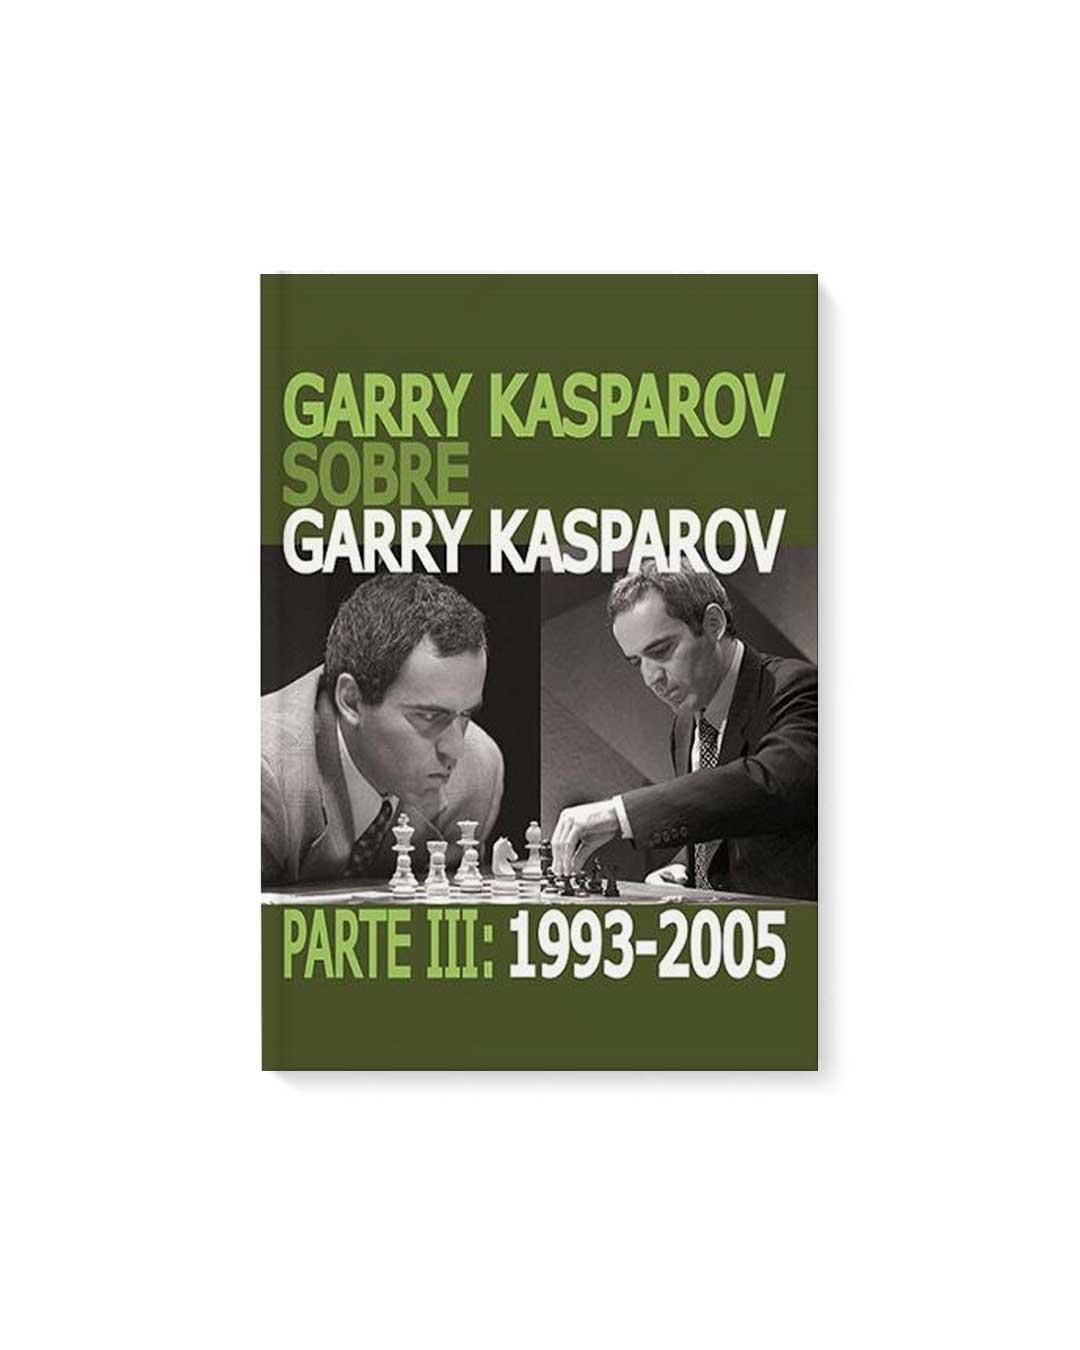 Garry Kasparov sobre Garry Kasparov. Parte 3: 1993-2005 Tapa Dura